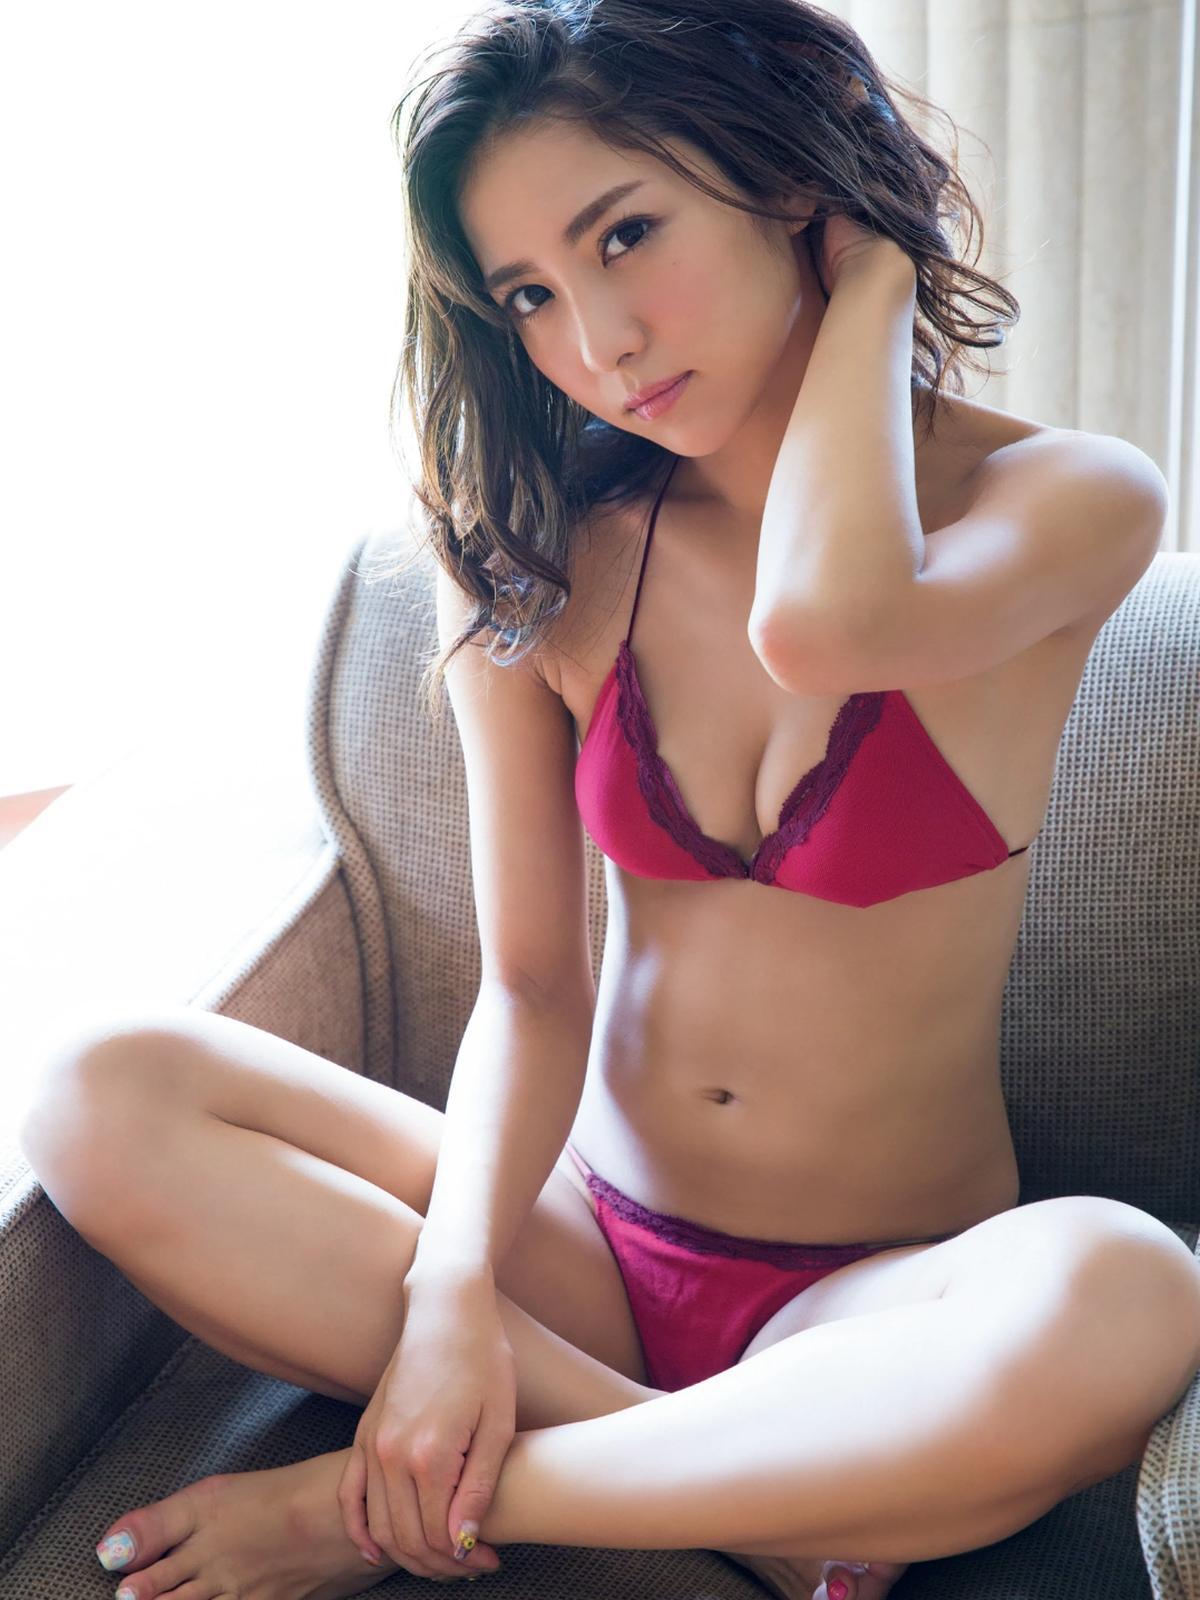 スタイルよし、おっぱいよしの素晴らしすぎる石川恋のグラビアをまとめてみたぞ(*´▽`*)ww×43P 表紙